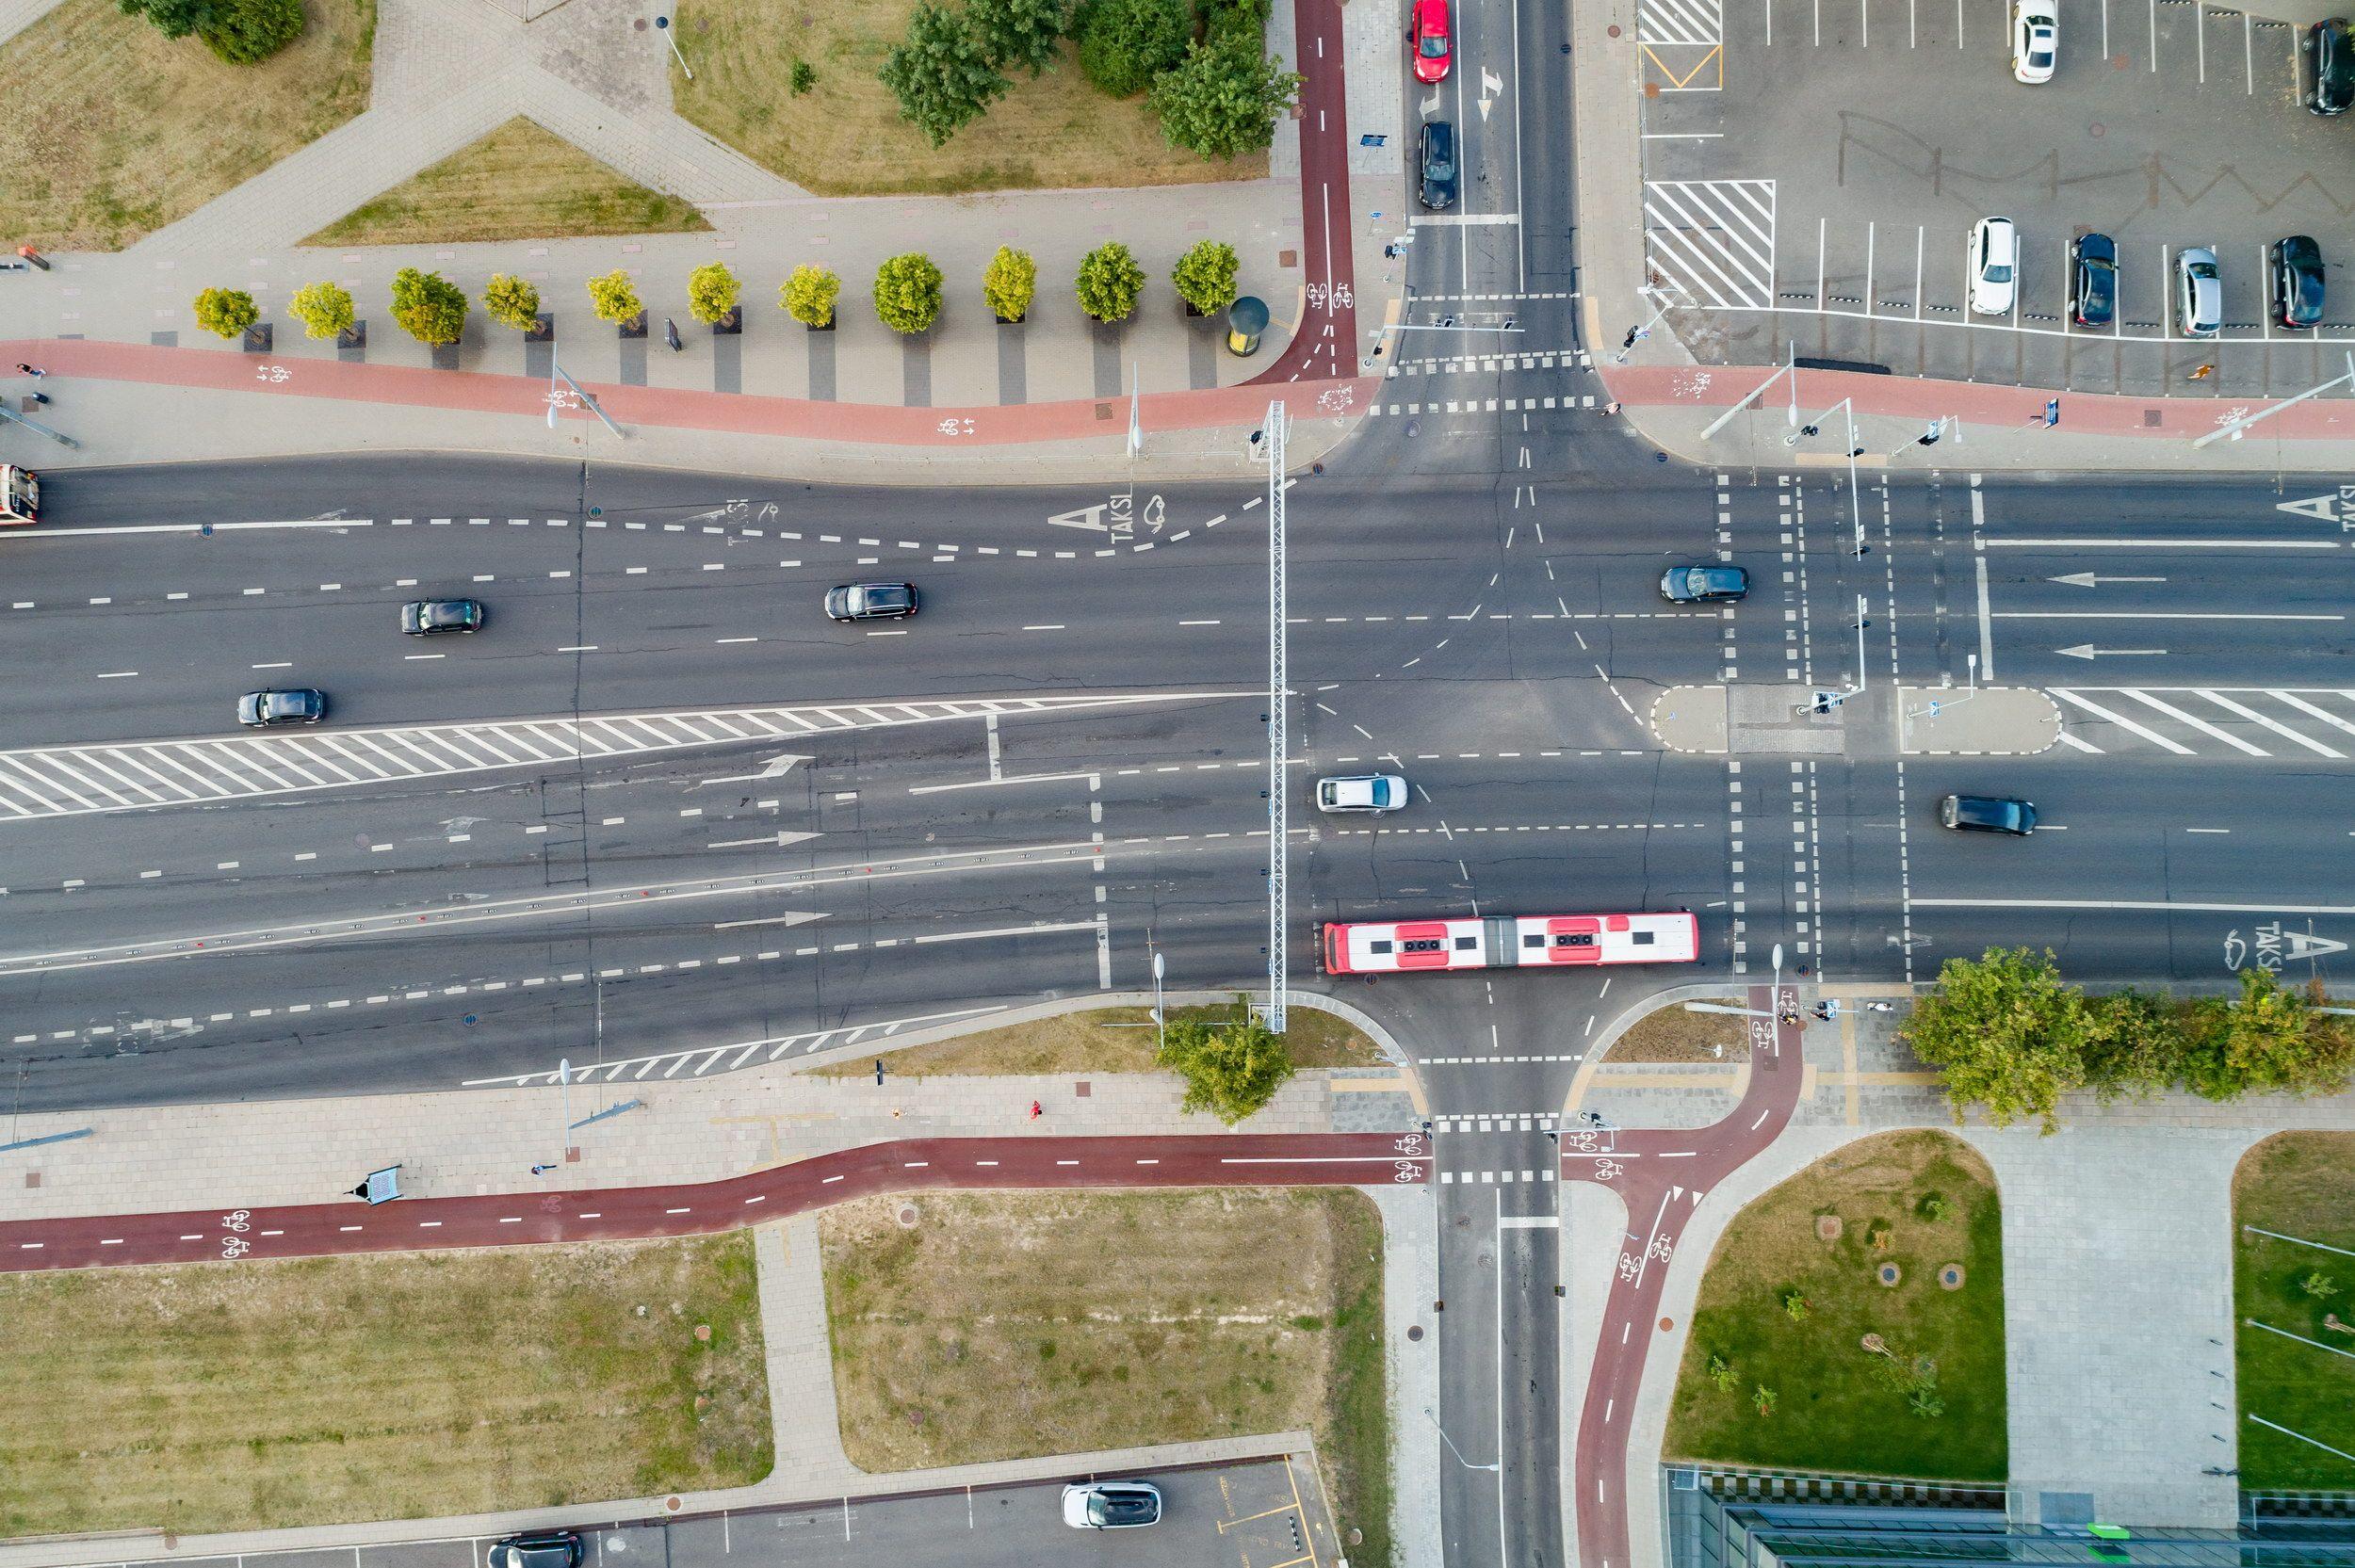 Vėlinių laikotarpis Vilniuje: dažnesnis viešasis transportas, papildomi maršrutai ir eismo pakeitimai